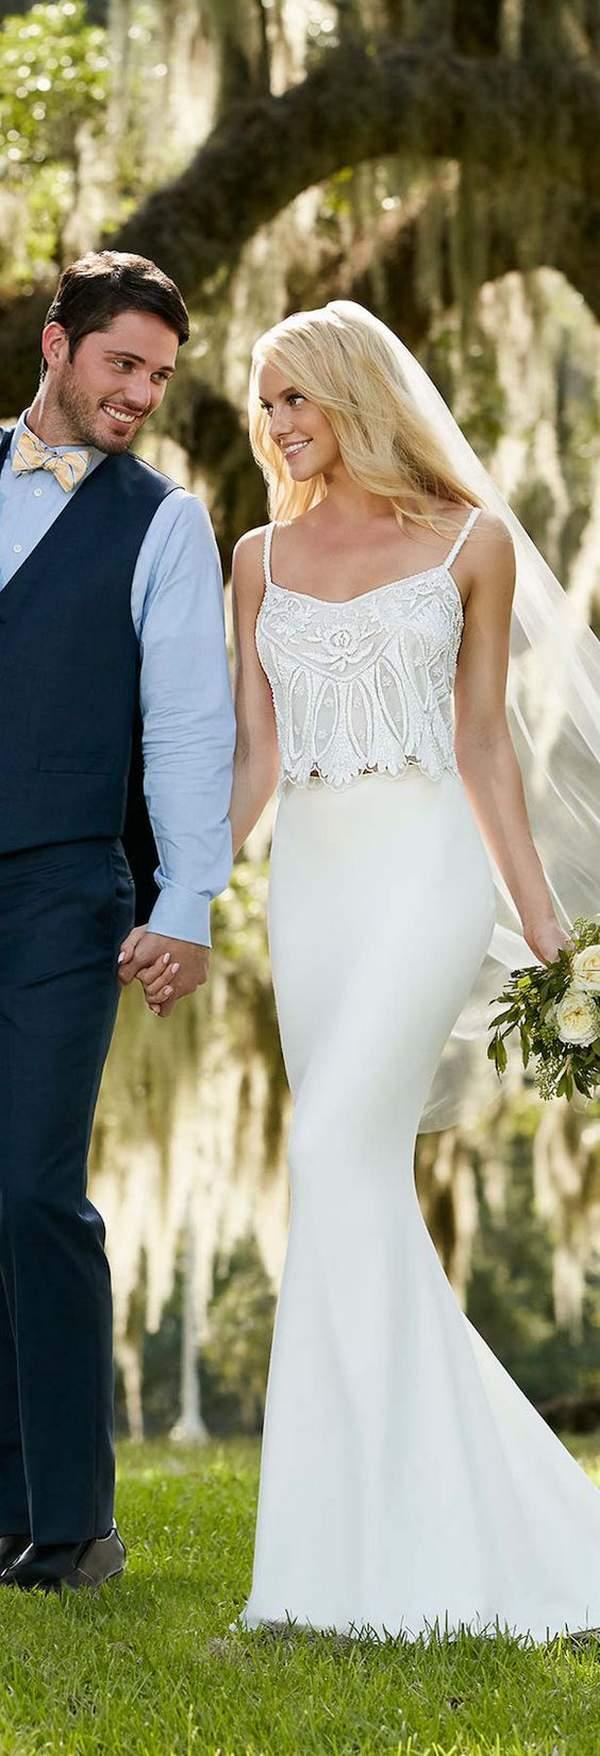 Spring 2018 Martina Liana Beach Wedding Dresses